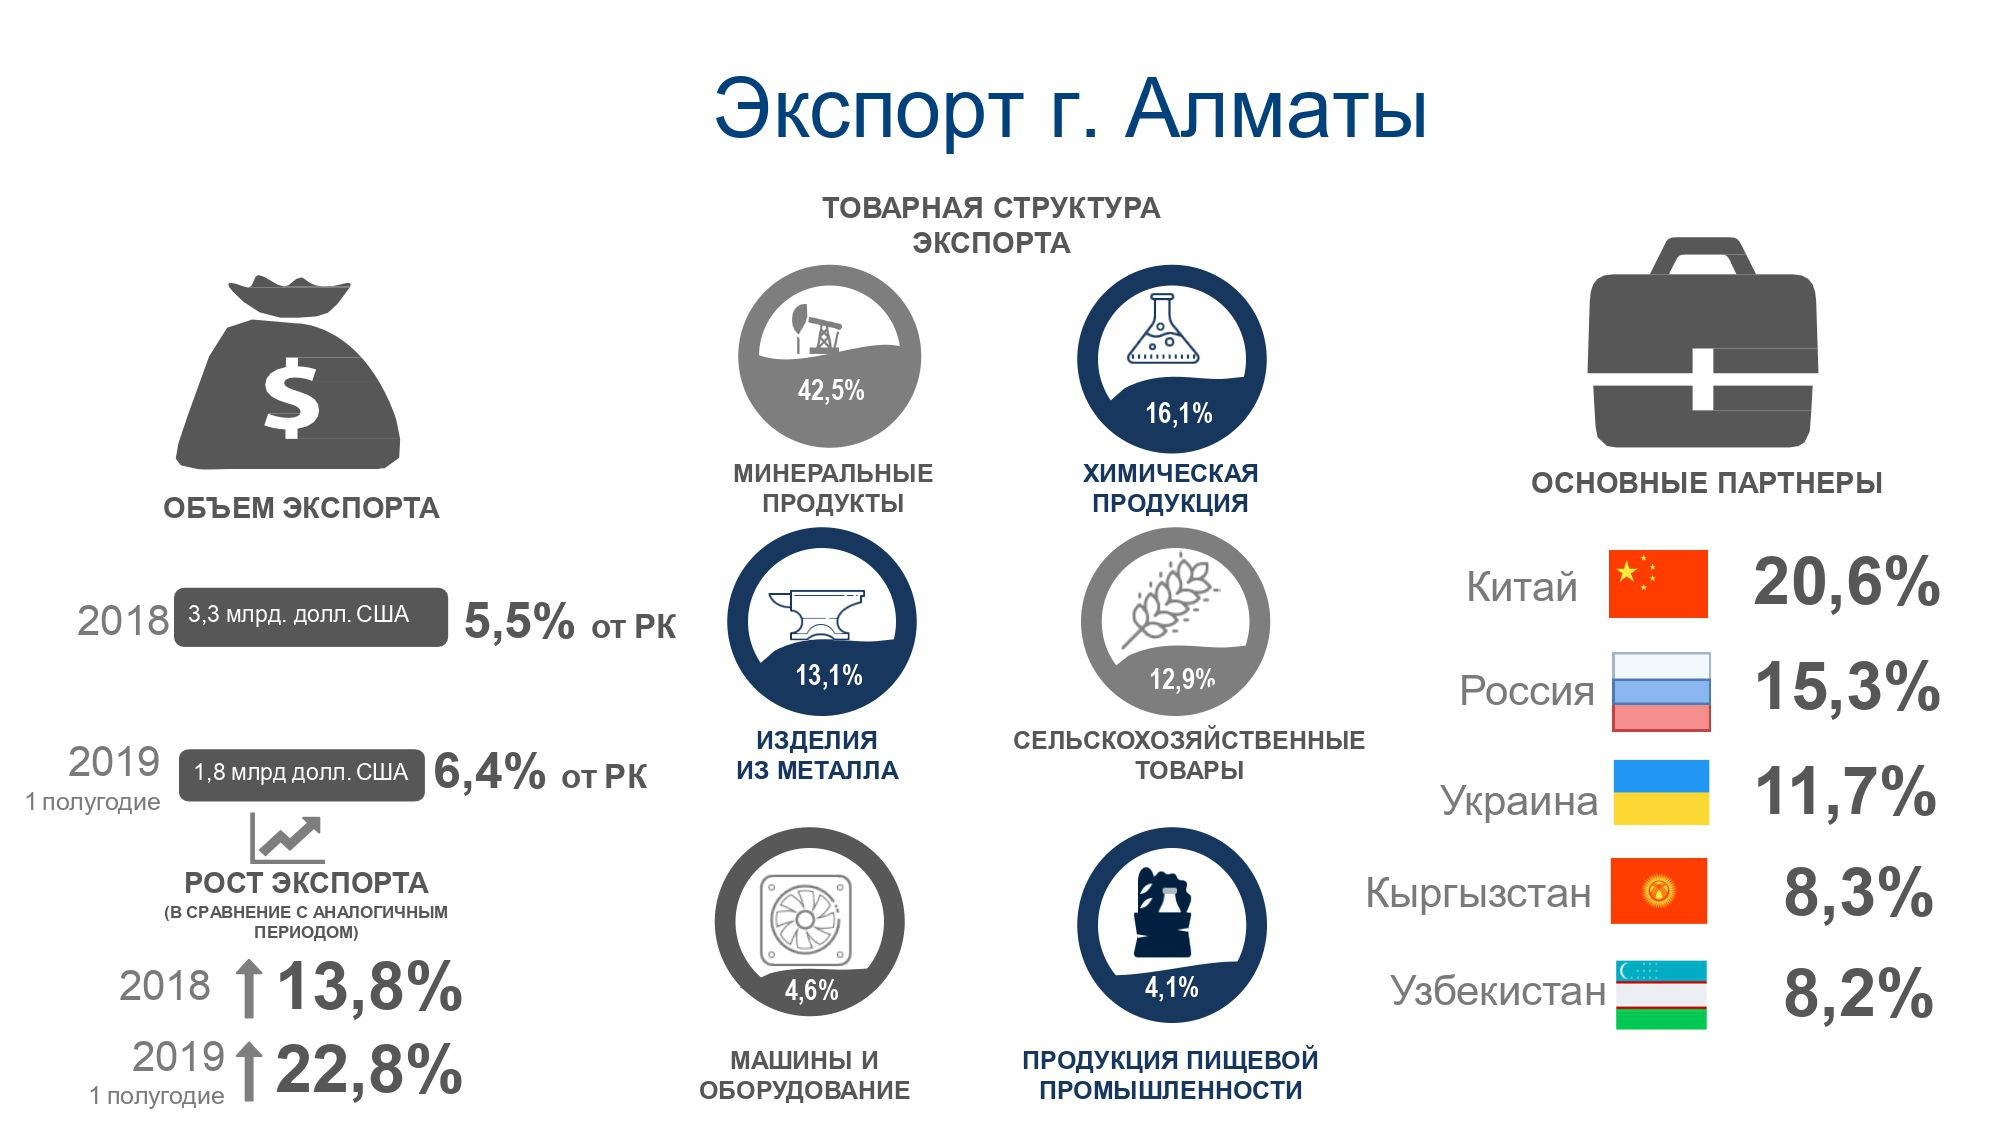 Остались ли в Алматы пустующие ниши для бизнеса? 173116 - Kapital.kz